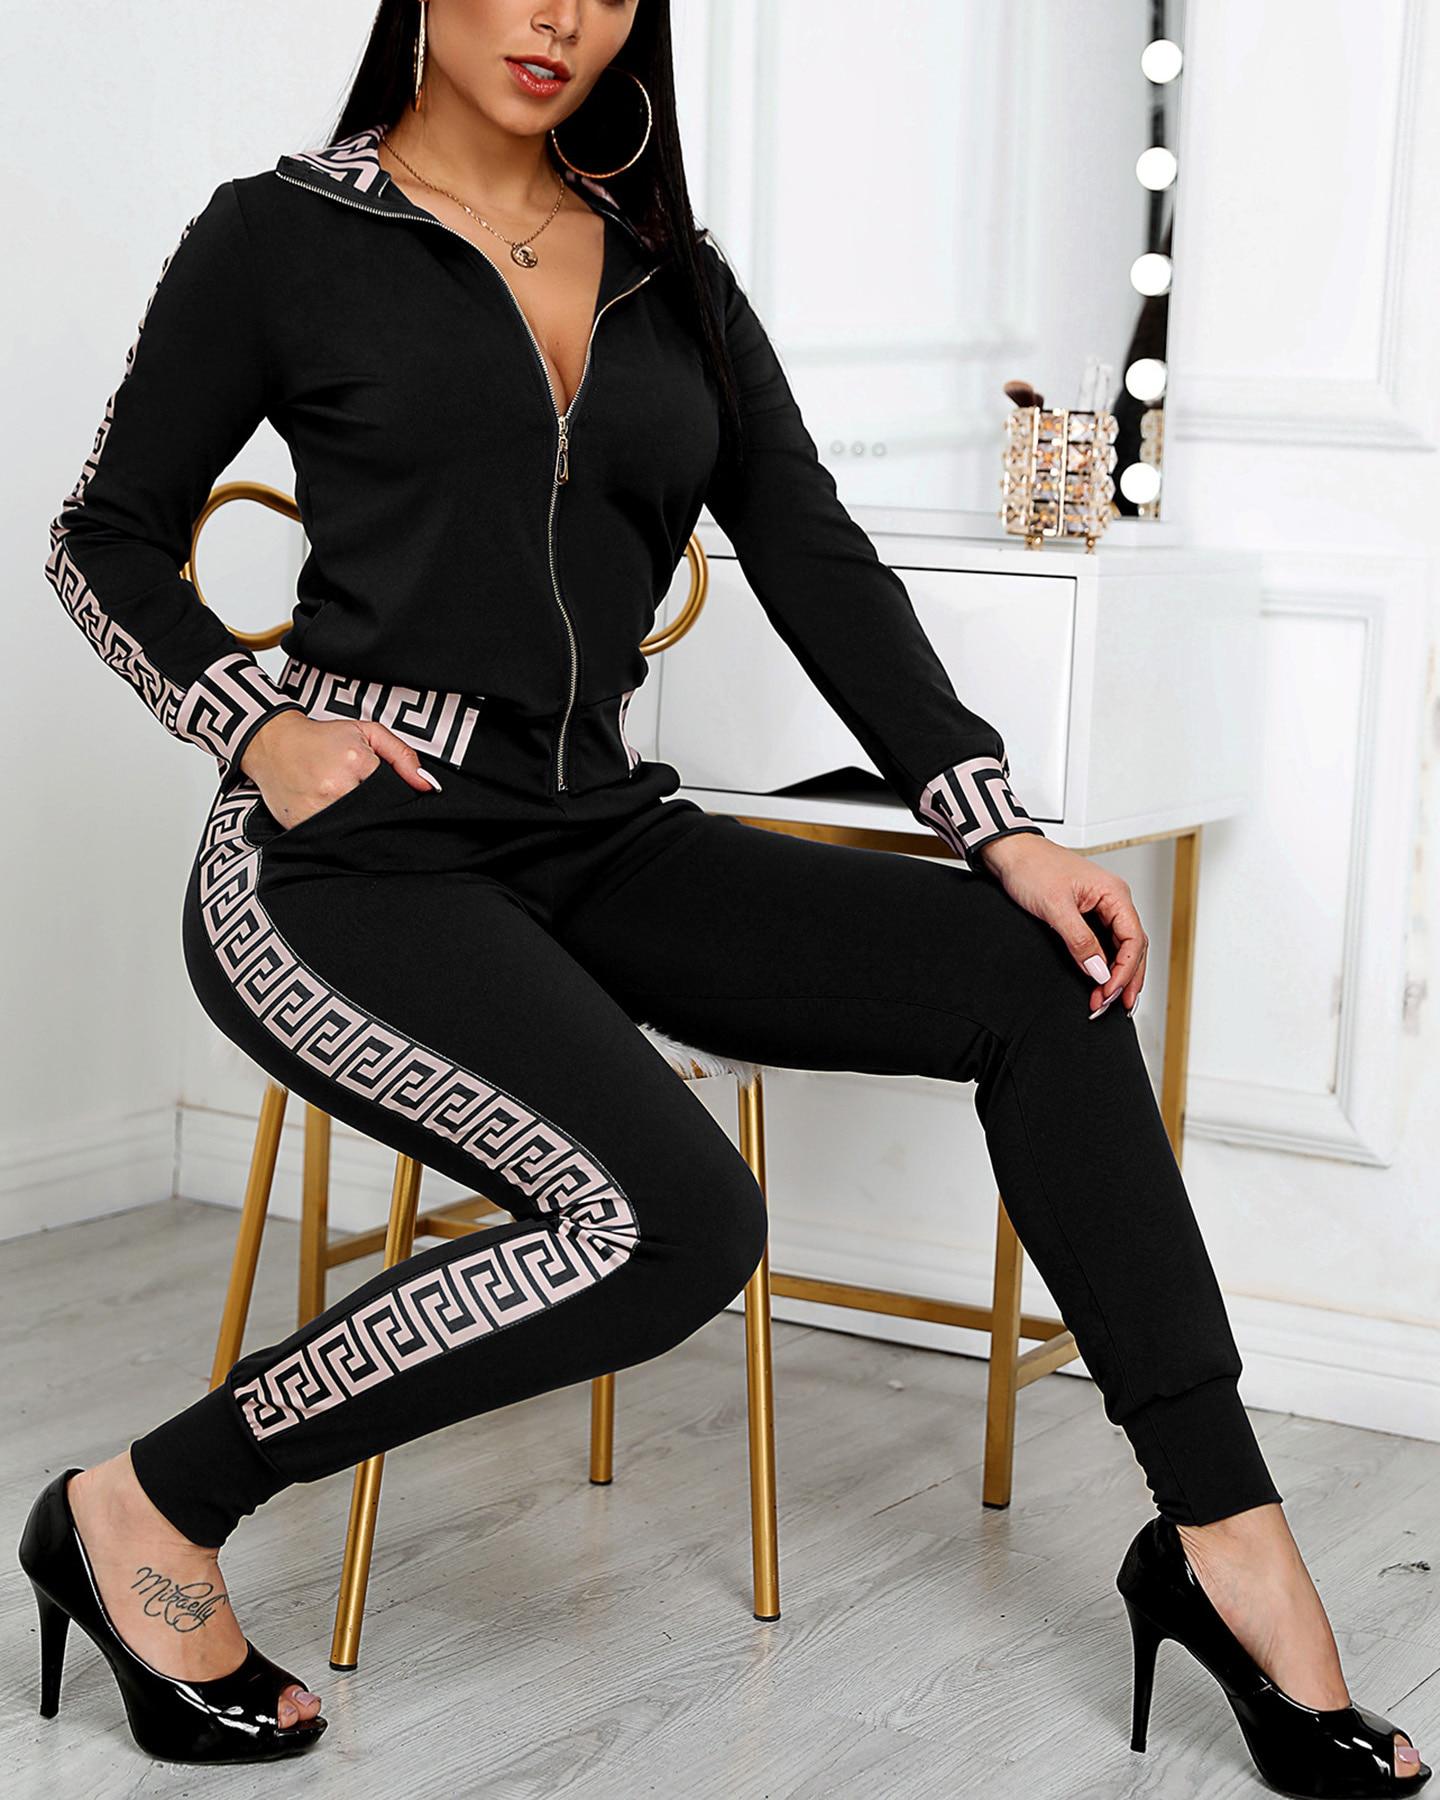 2021 Women Elegant Fashion Two -Pieces Suit Sets Female Stylish Plus Size Greek Fret Print Coat & Pant Sets